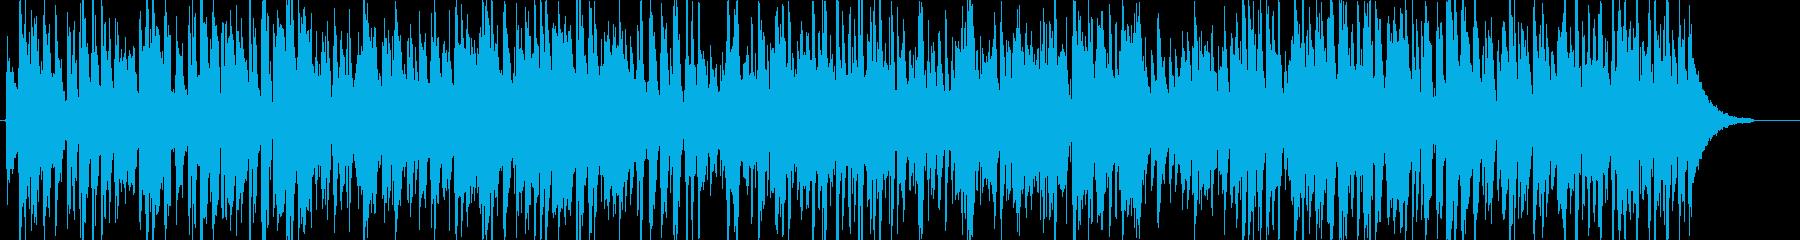 ギターアドリブ多めのアップテンポジャズの再生済みの波形